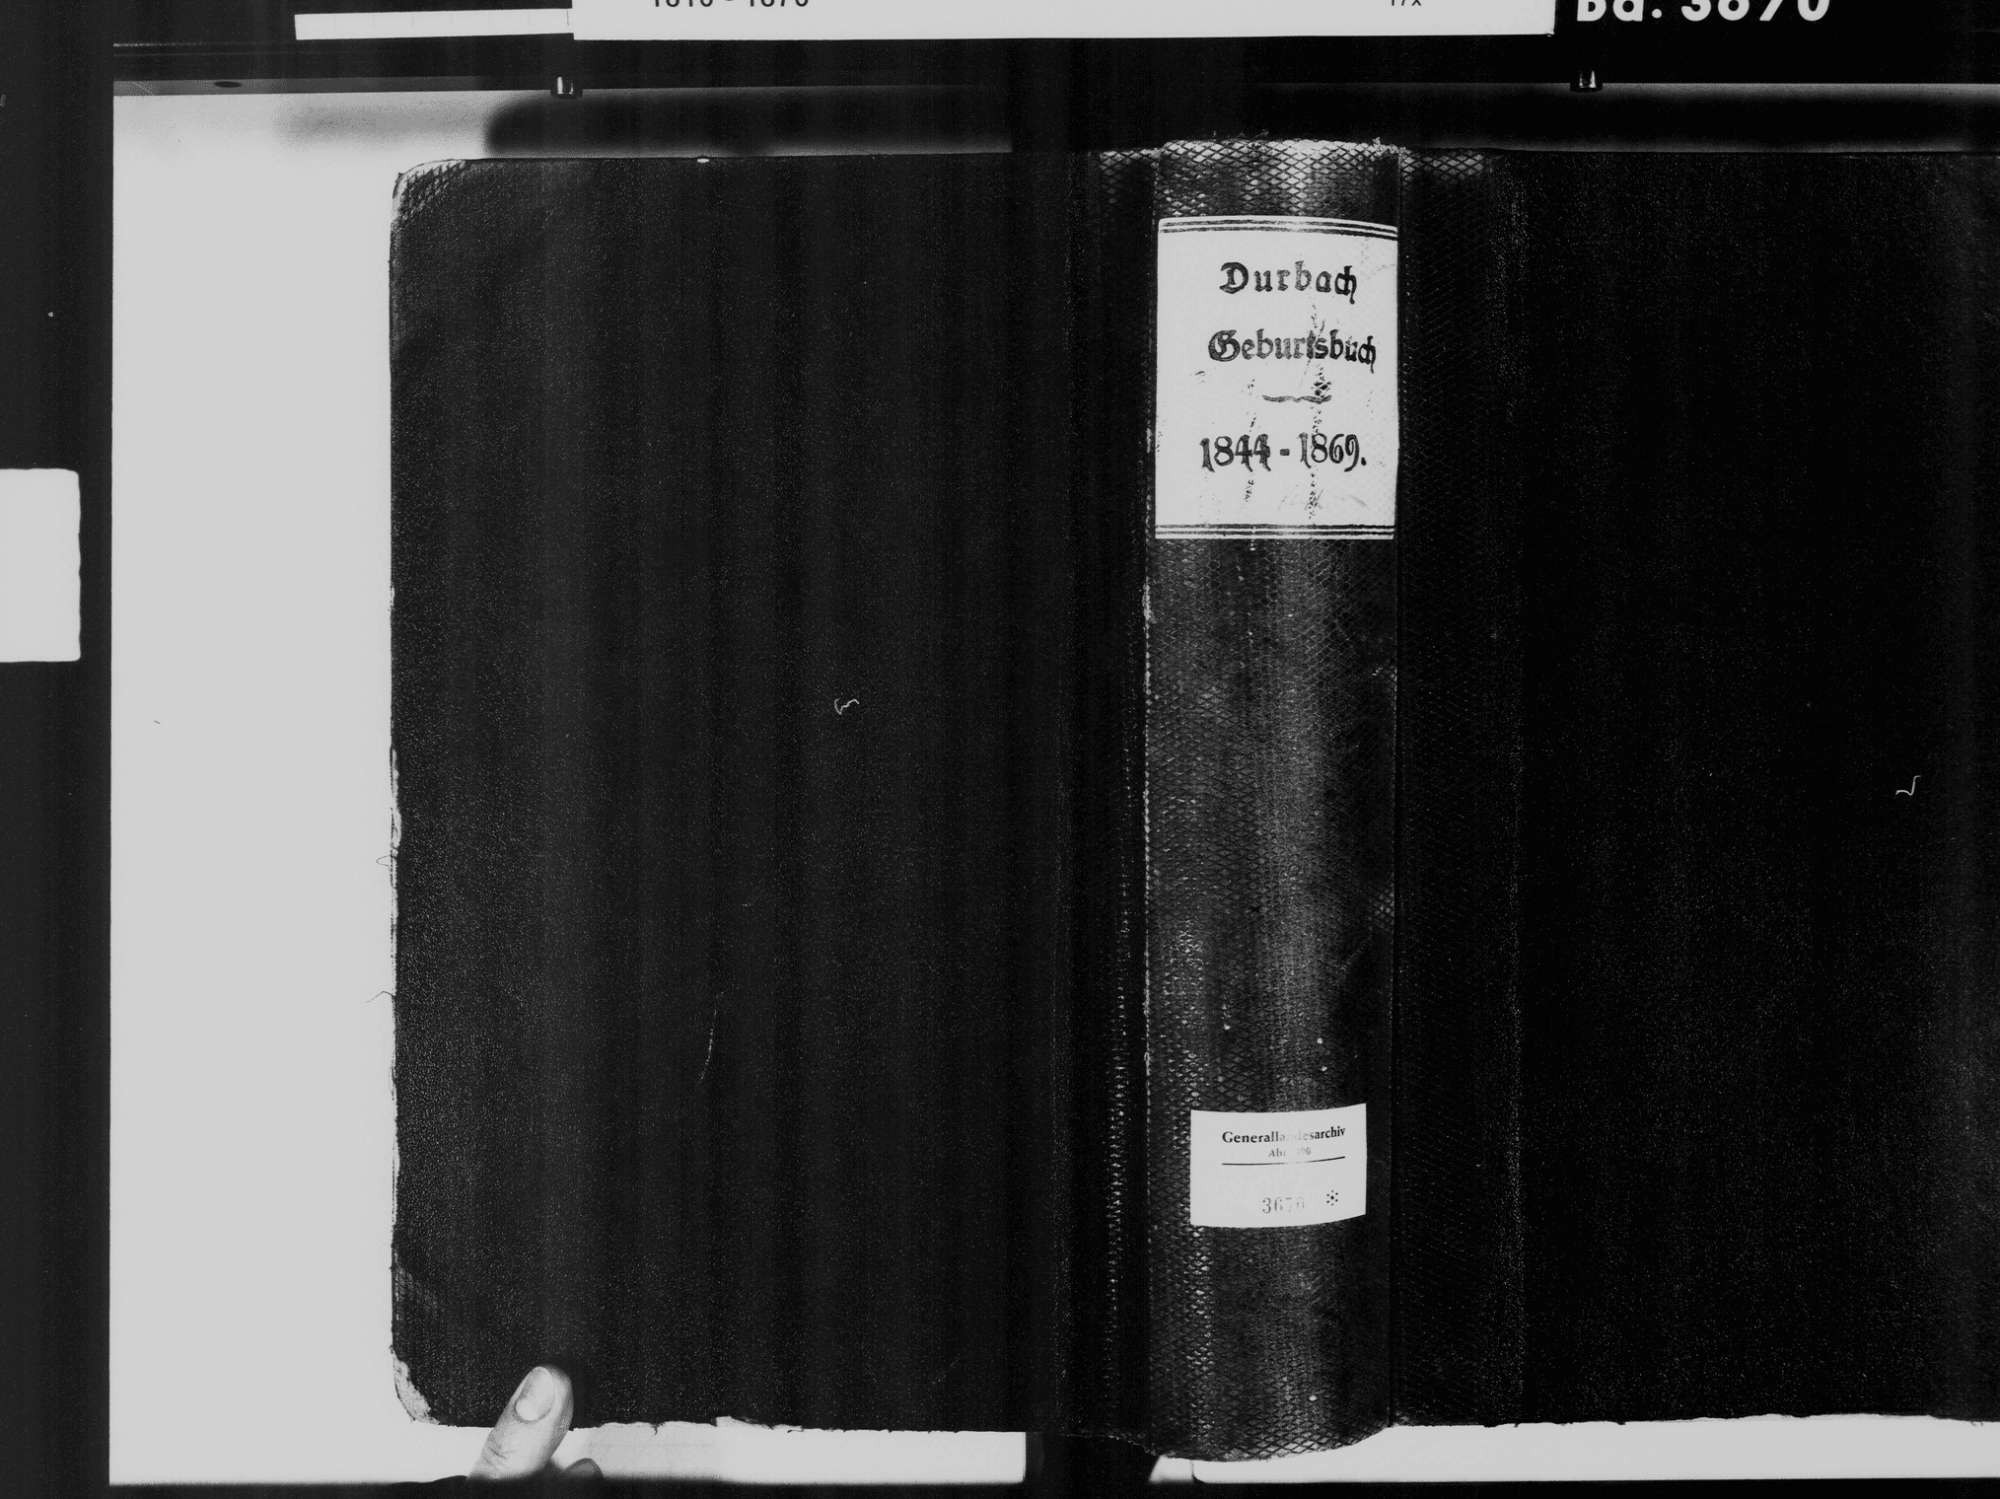 Durbach OG; Katholische Gemeinde: Geburtenbuch 1844-1869, Bild 2